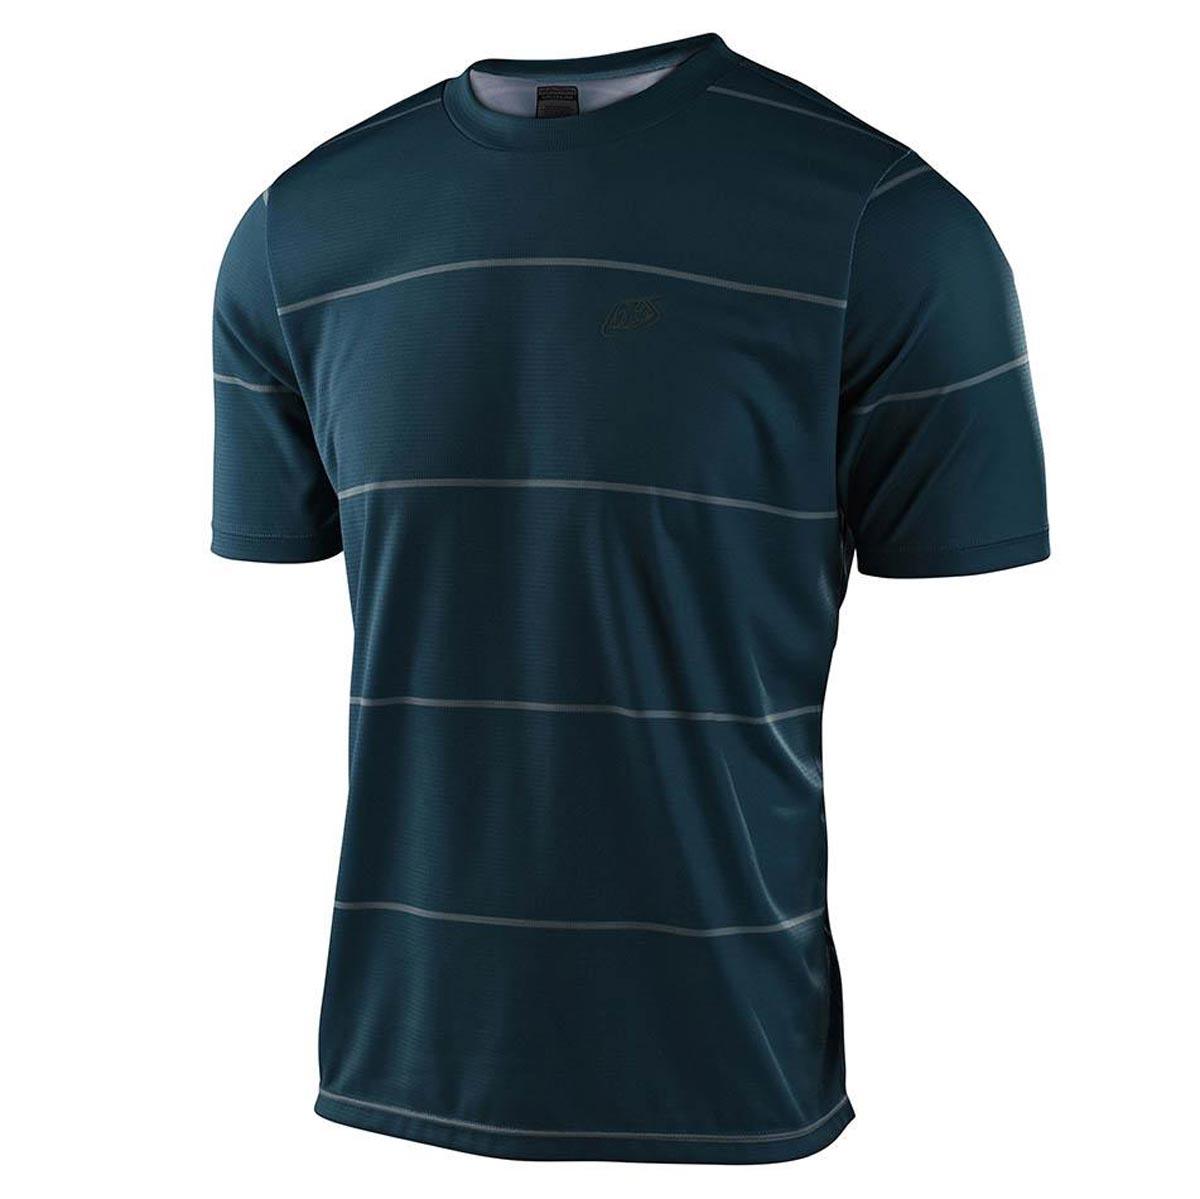 Troy Lee Designs Flowline Short Sleeve Jersey - Men's